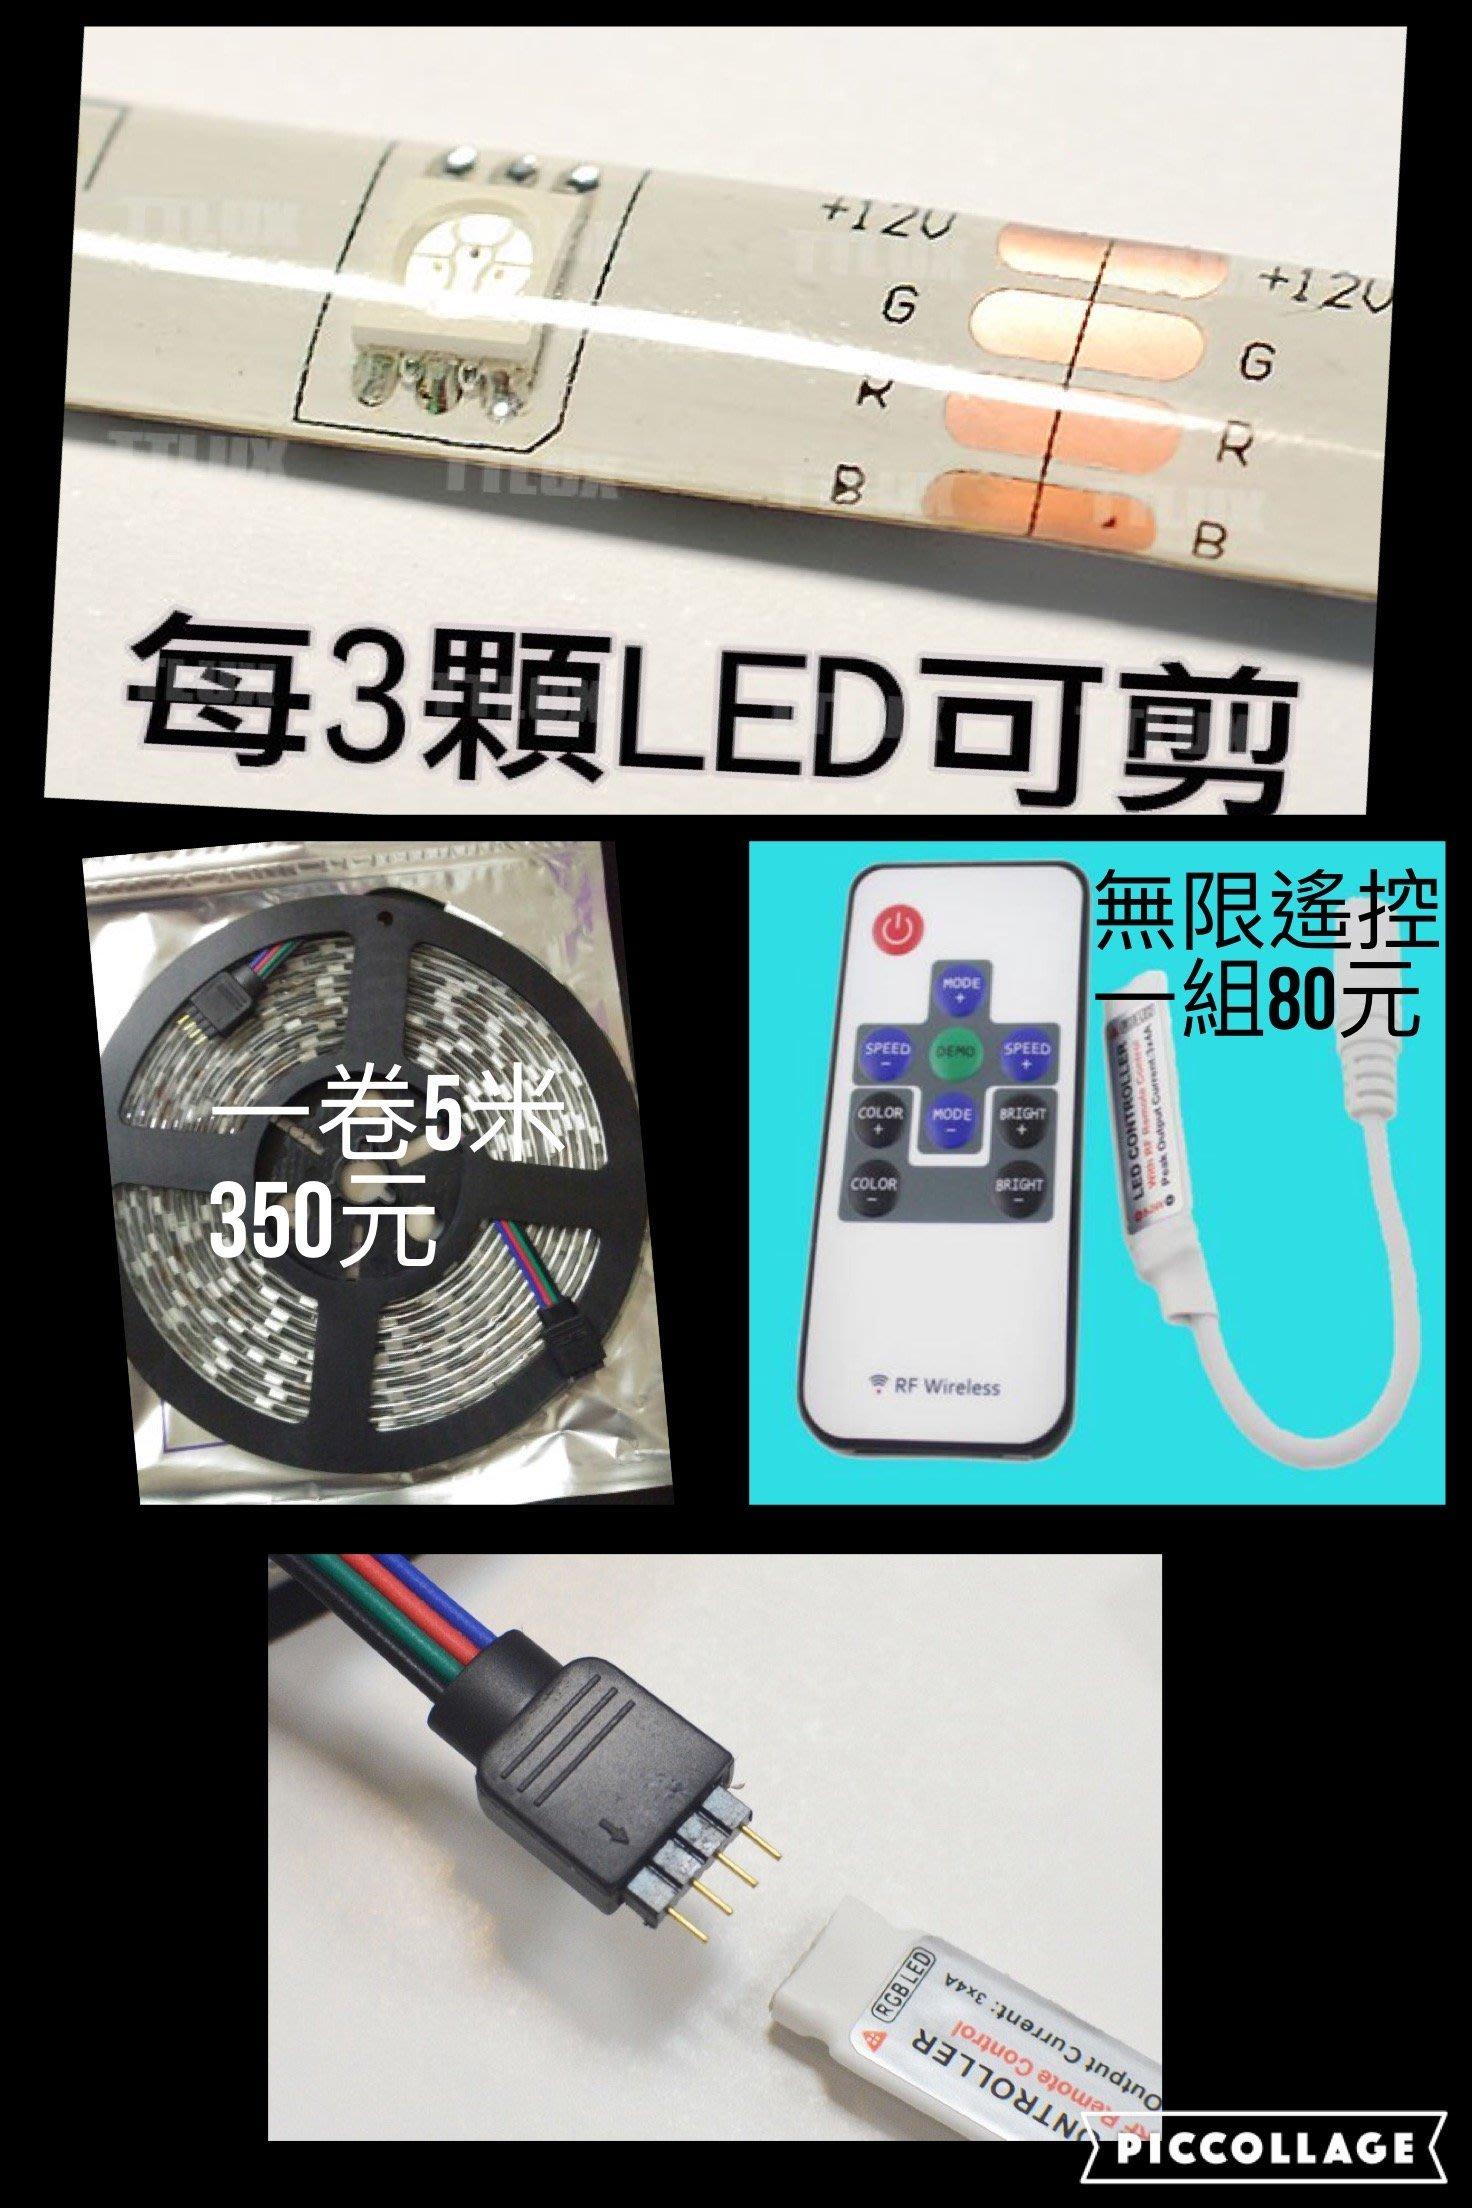 無線遙控10鍵 全彩控制器 迷你燈條控制 全彩控制器 無線遙控七彩控制器 RGB控制器 5050 燈條